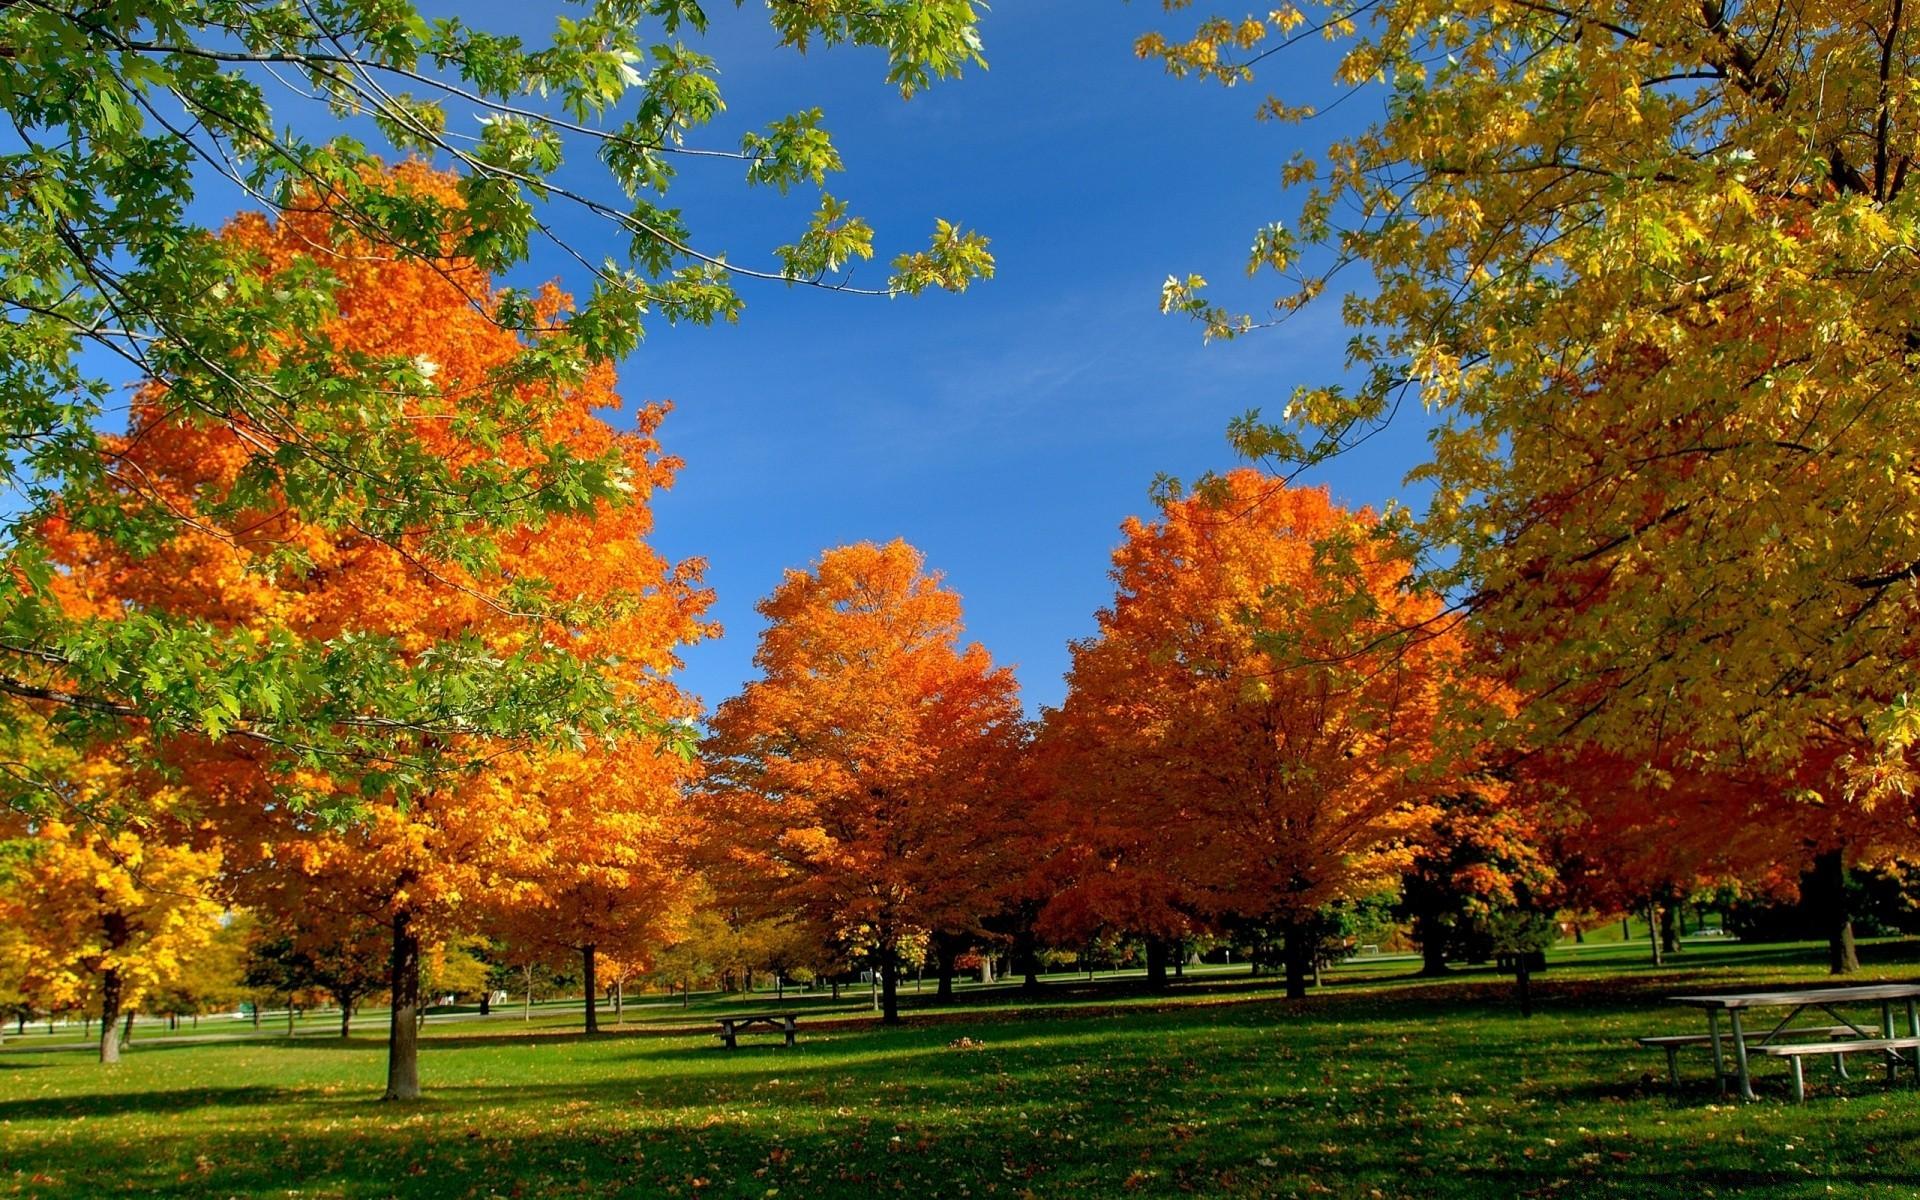 Парк осень солнце бесплатно